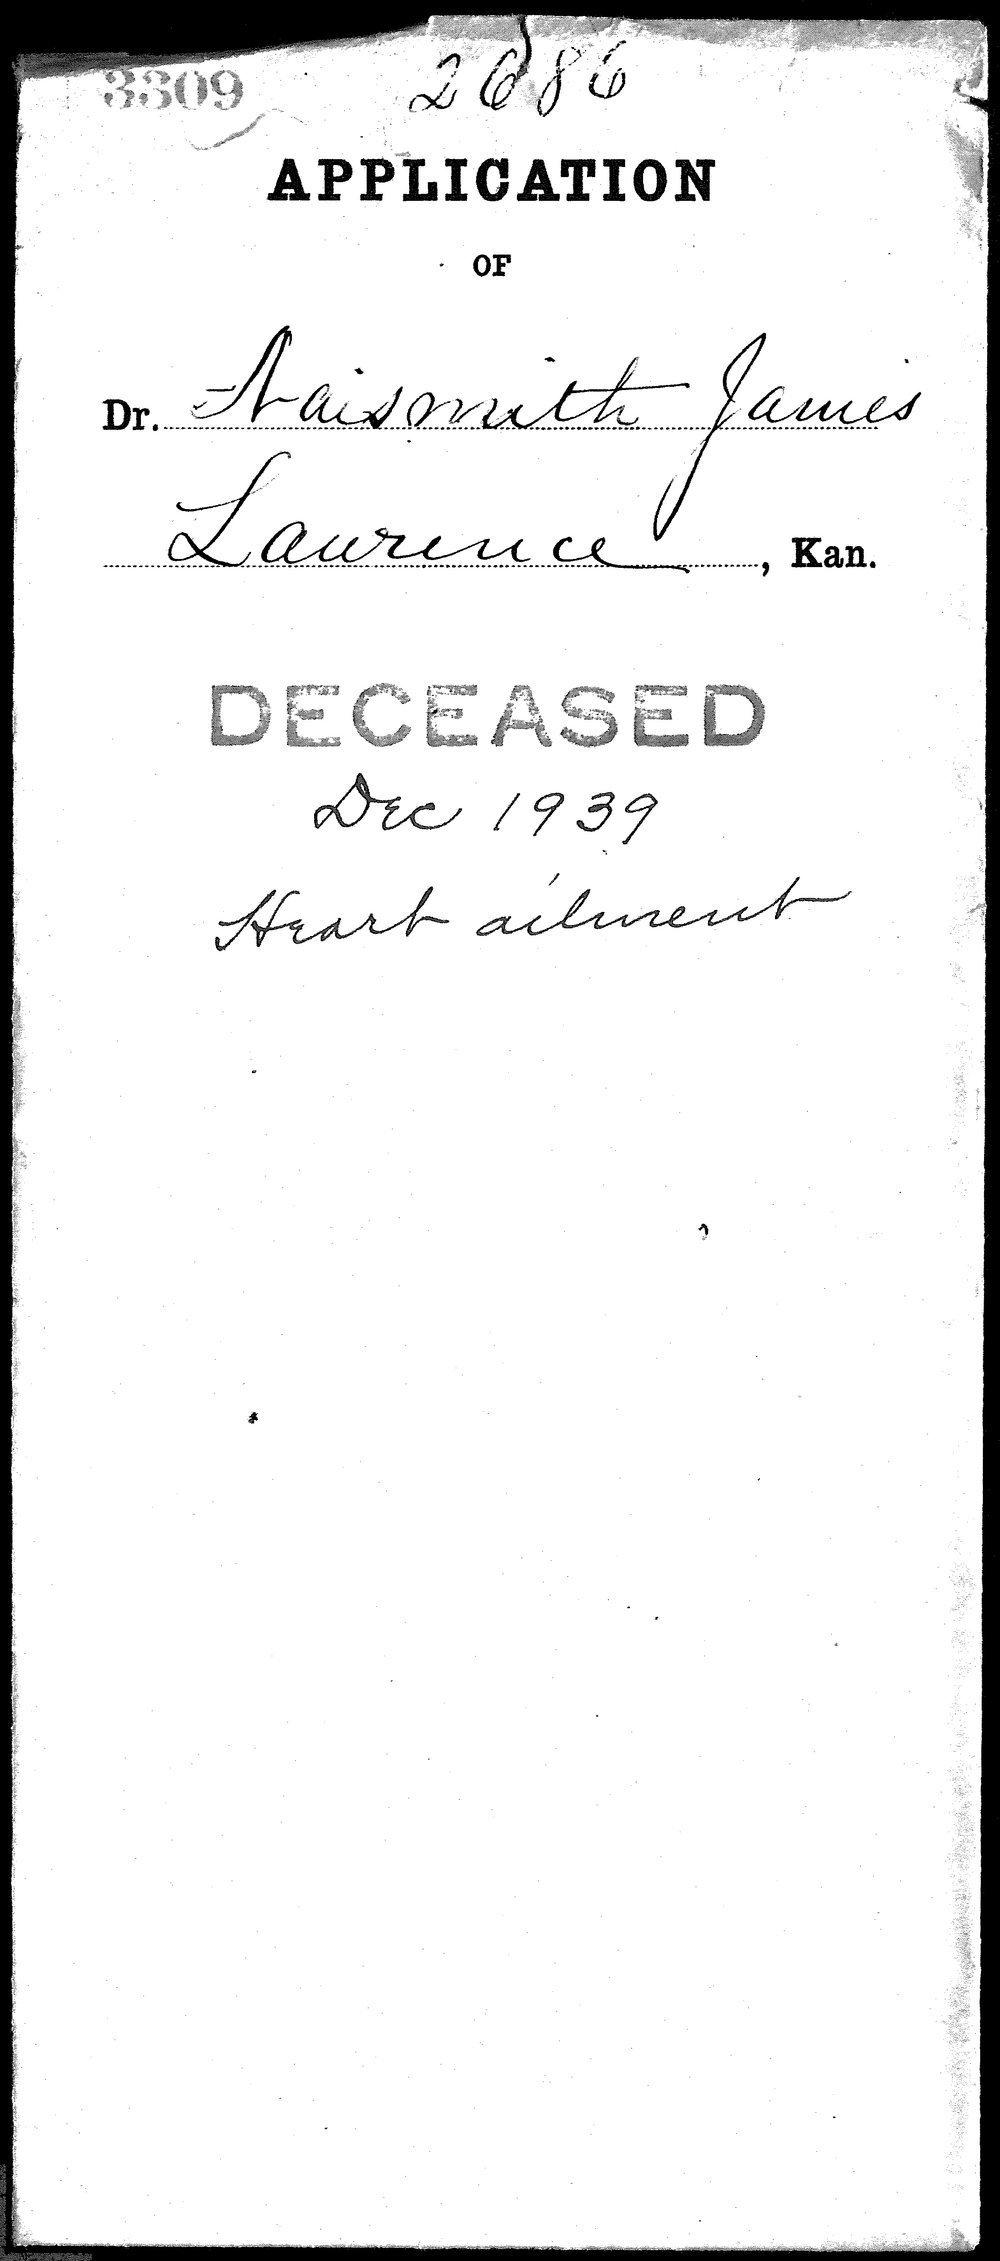 James Naismith's medical license application - 1